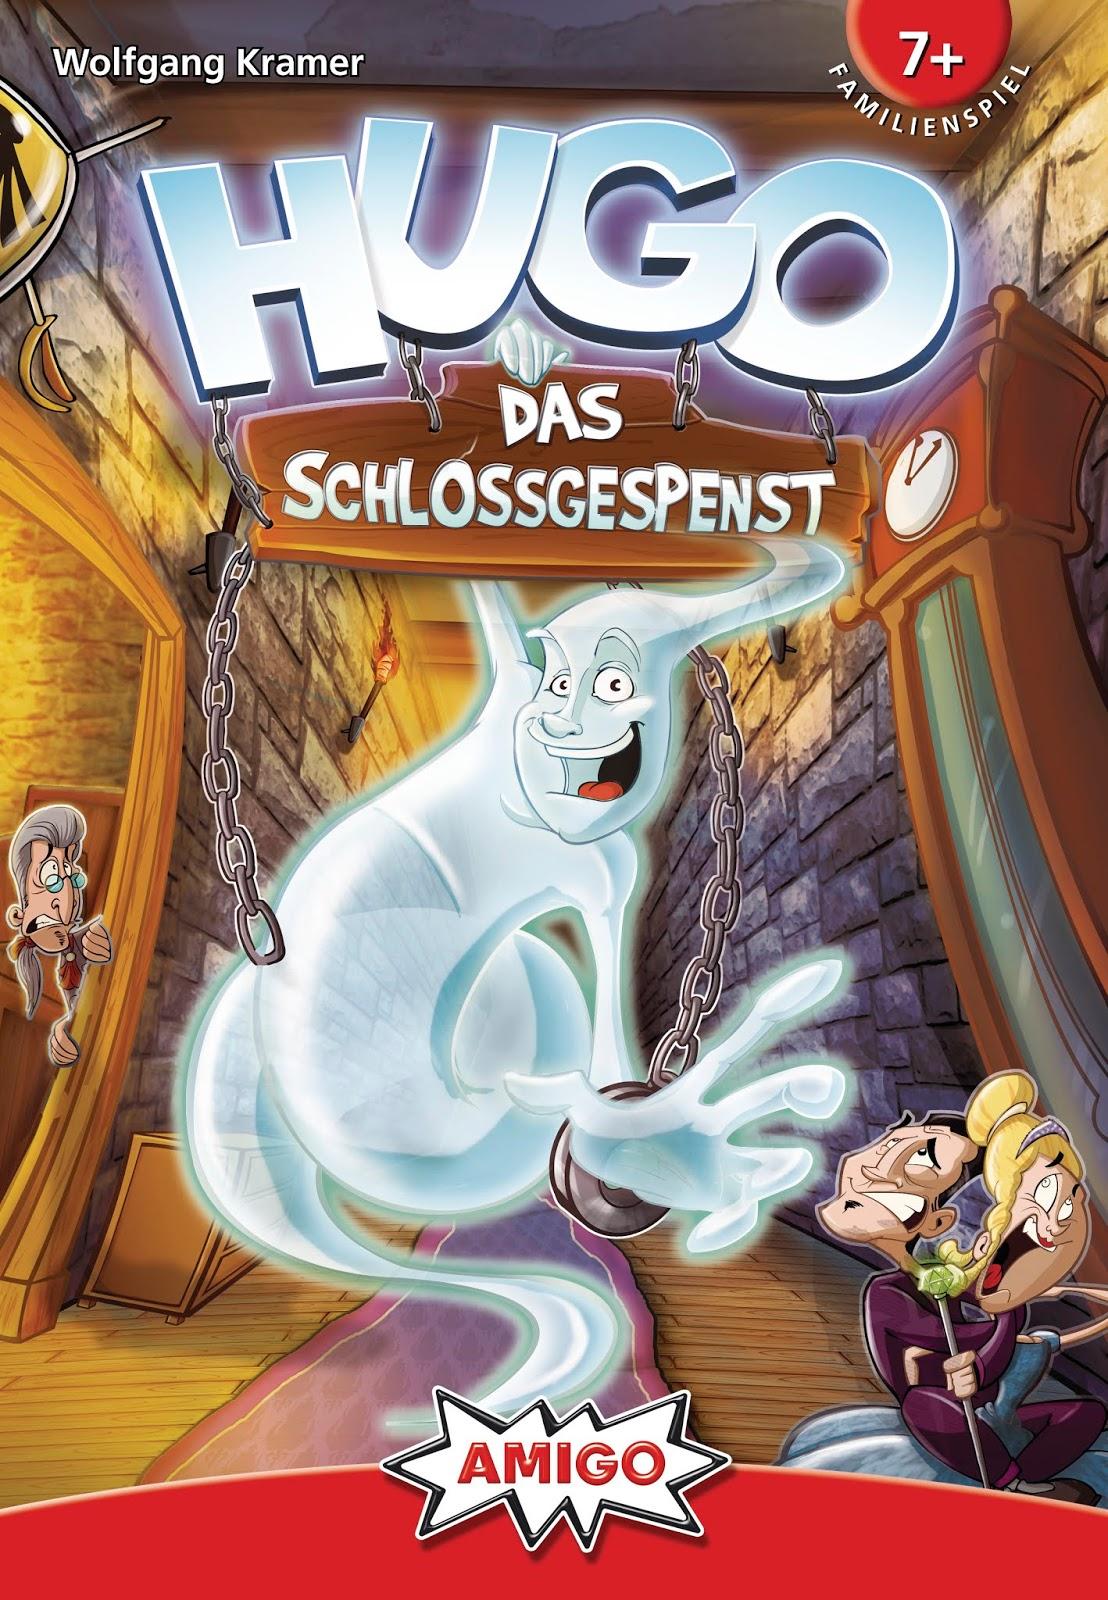 Familienspiel von Amigo - Hugo, das Schlossgespenst